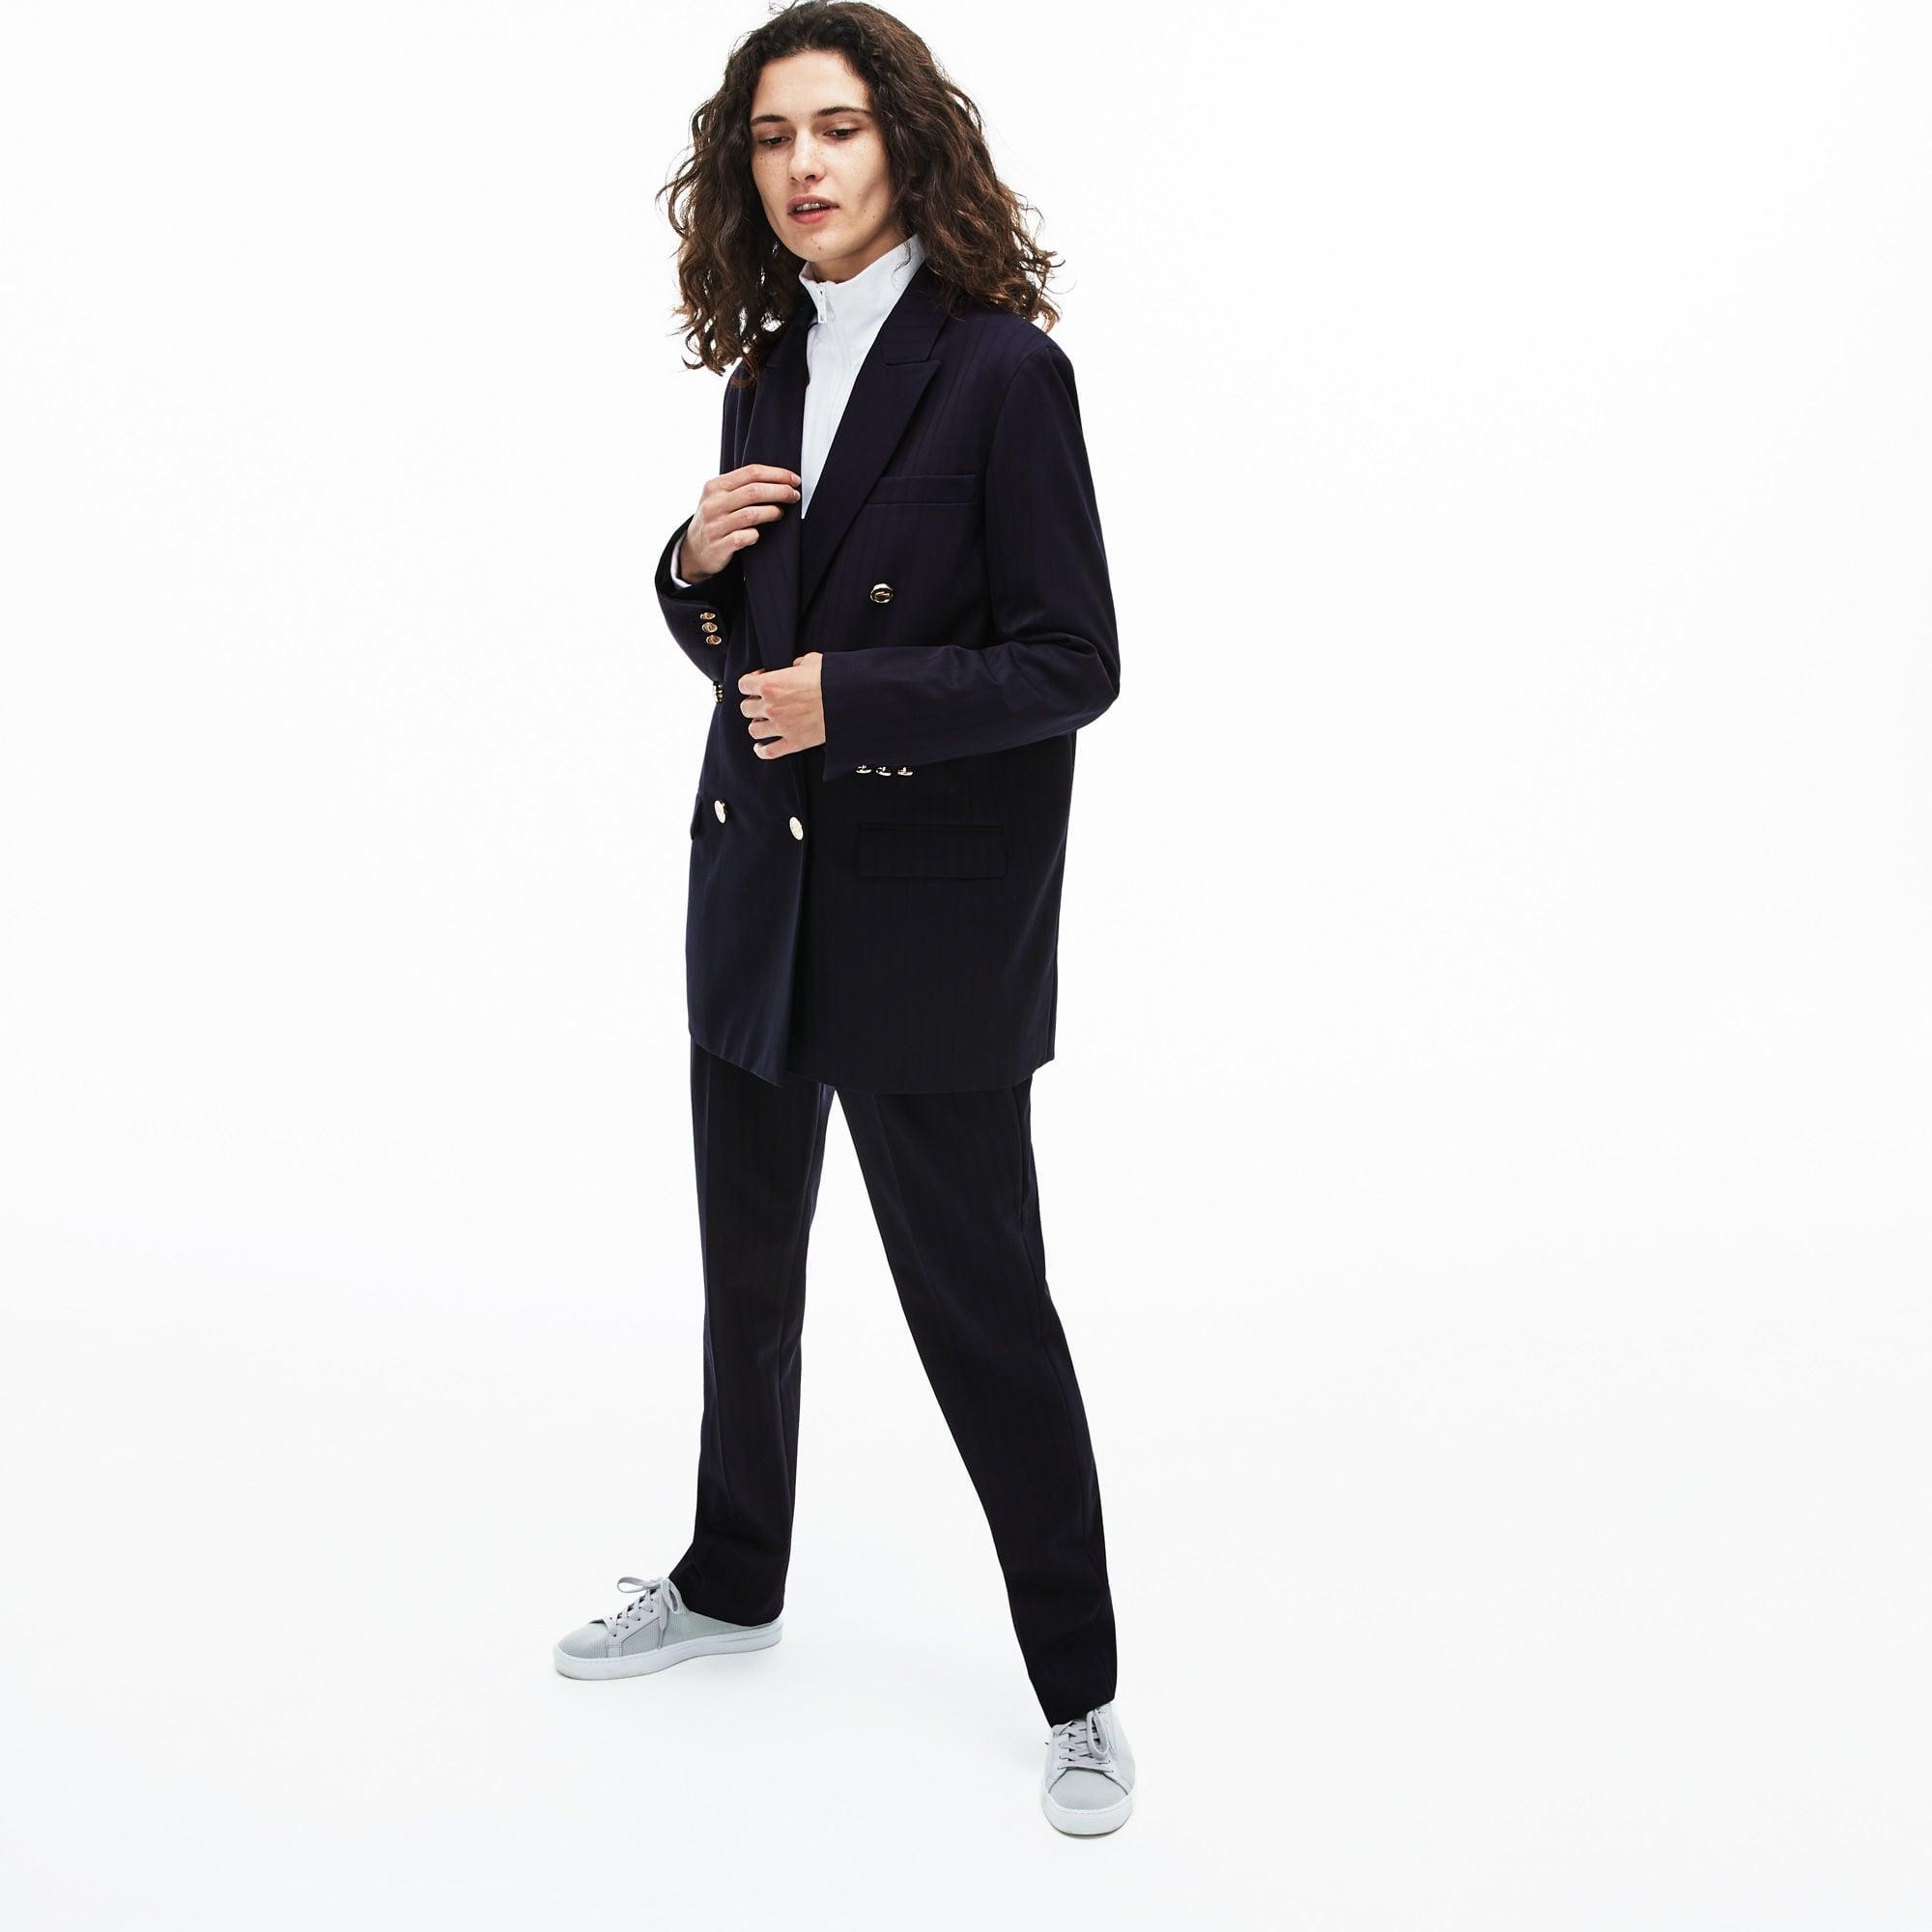 Пиджак LacosteВерхняя одежда<br>55% полиэстер 45% шерсть 100% полиэстер